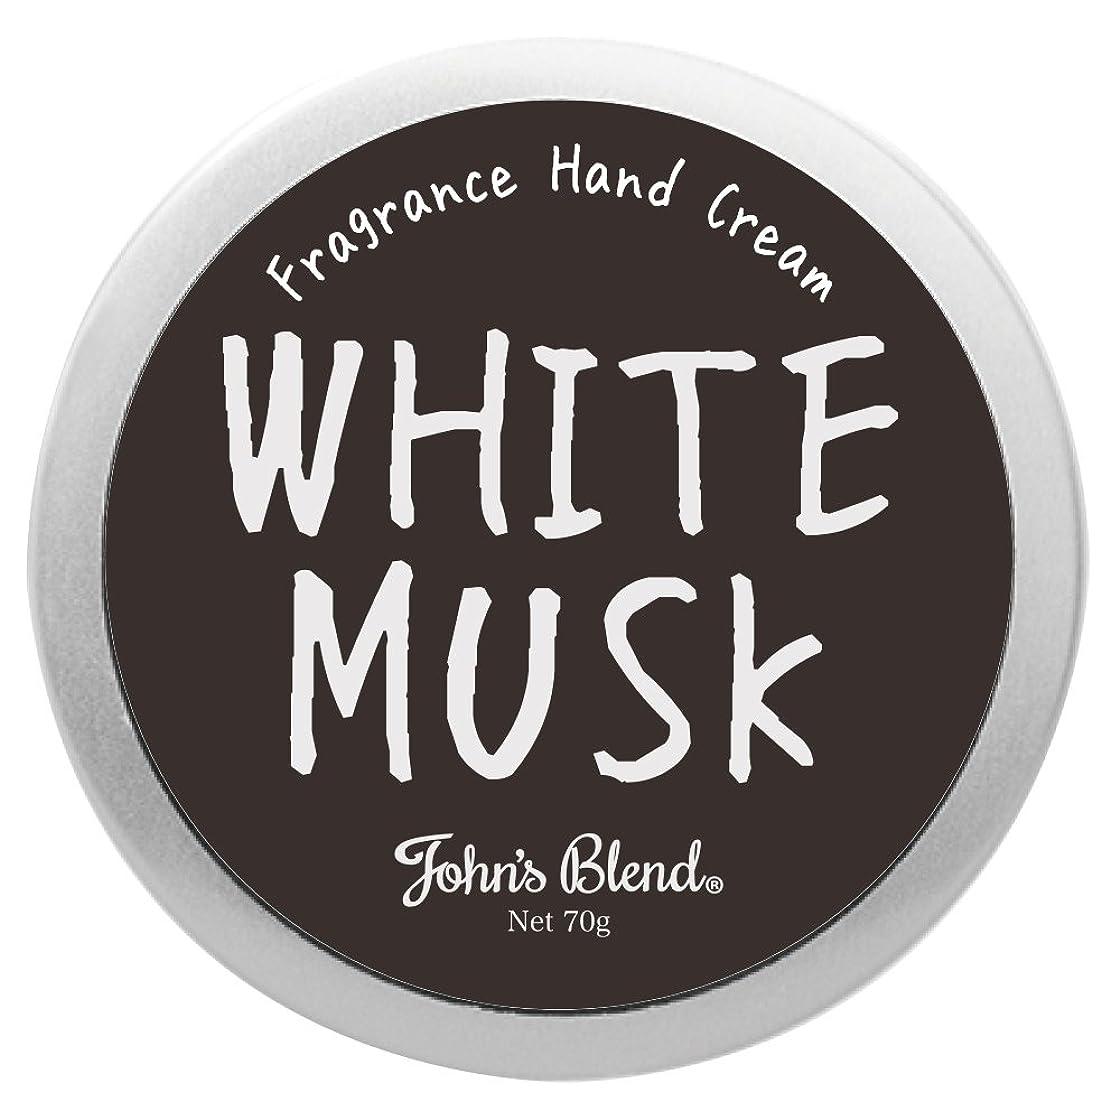 考えるコンテンポラリー昆虫を見るJohns Blend ハンドクリーム 70g ホワイトムスク の香り OZ-JOD-1-1